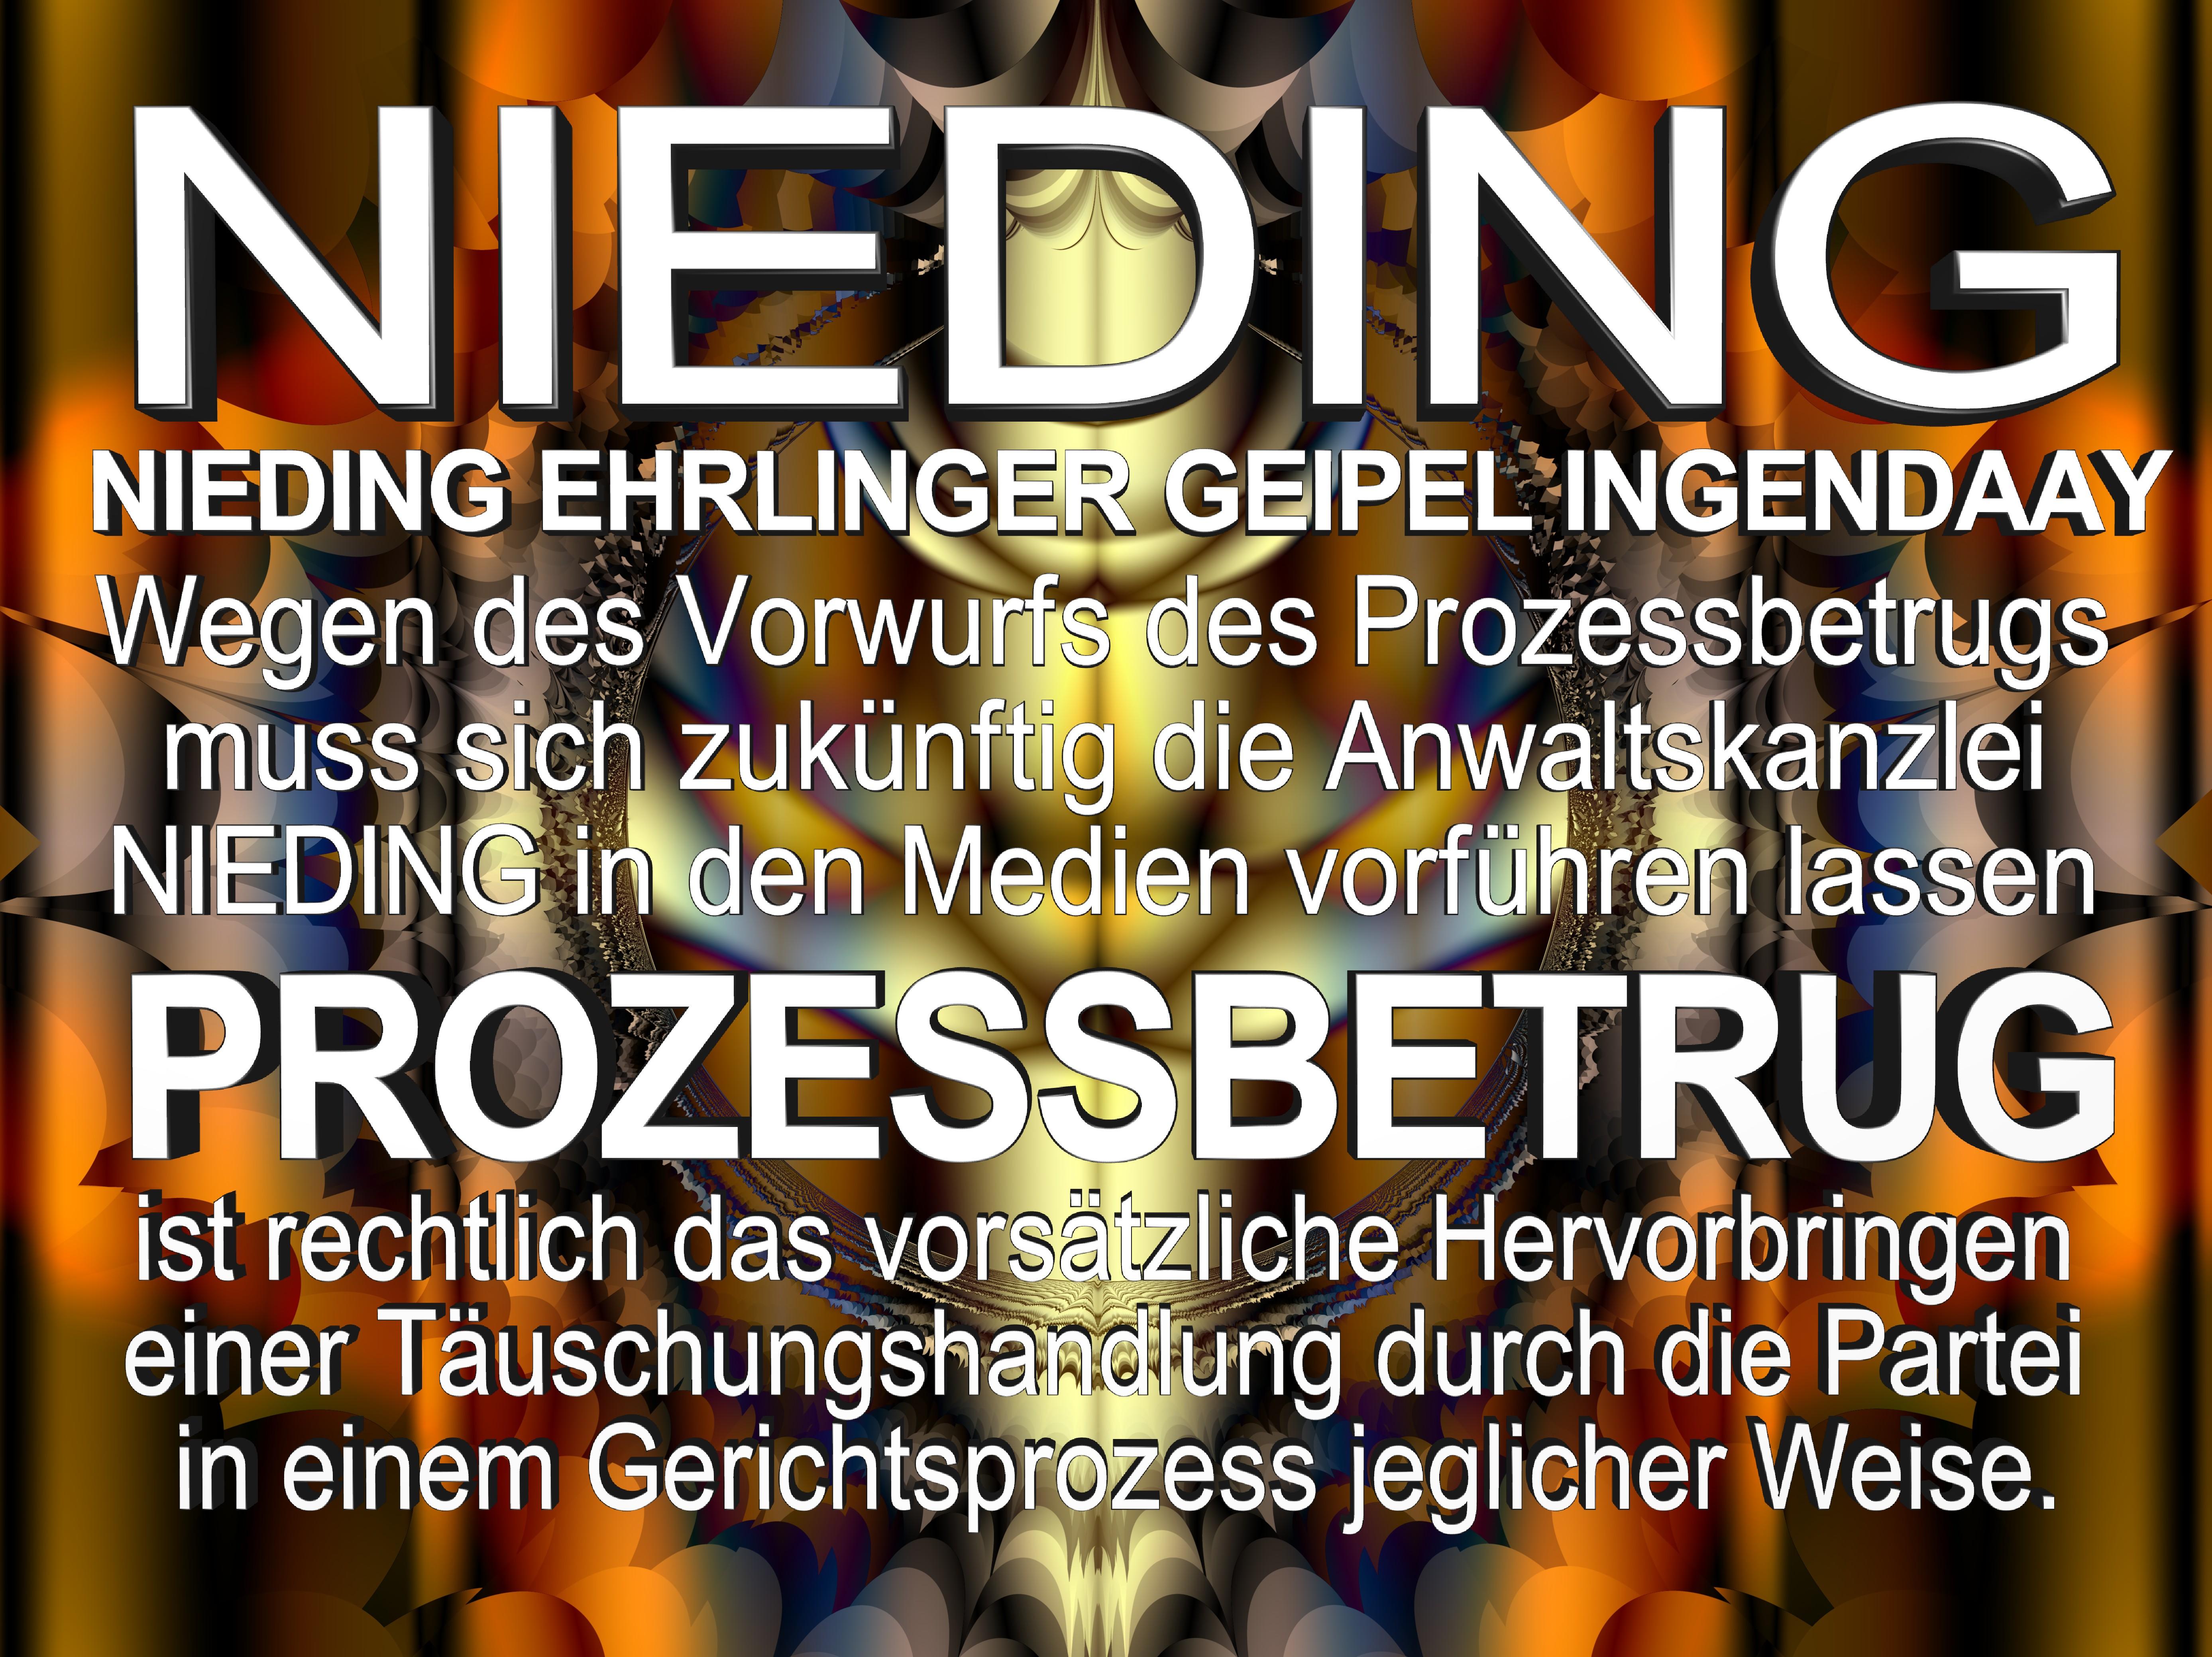 NIEDING EHRLINGER GEIPEL INGENDAAY LELKE Kurfürstendamm 66 Berlin (22)